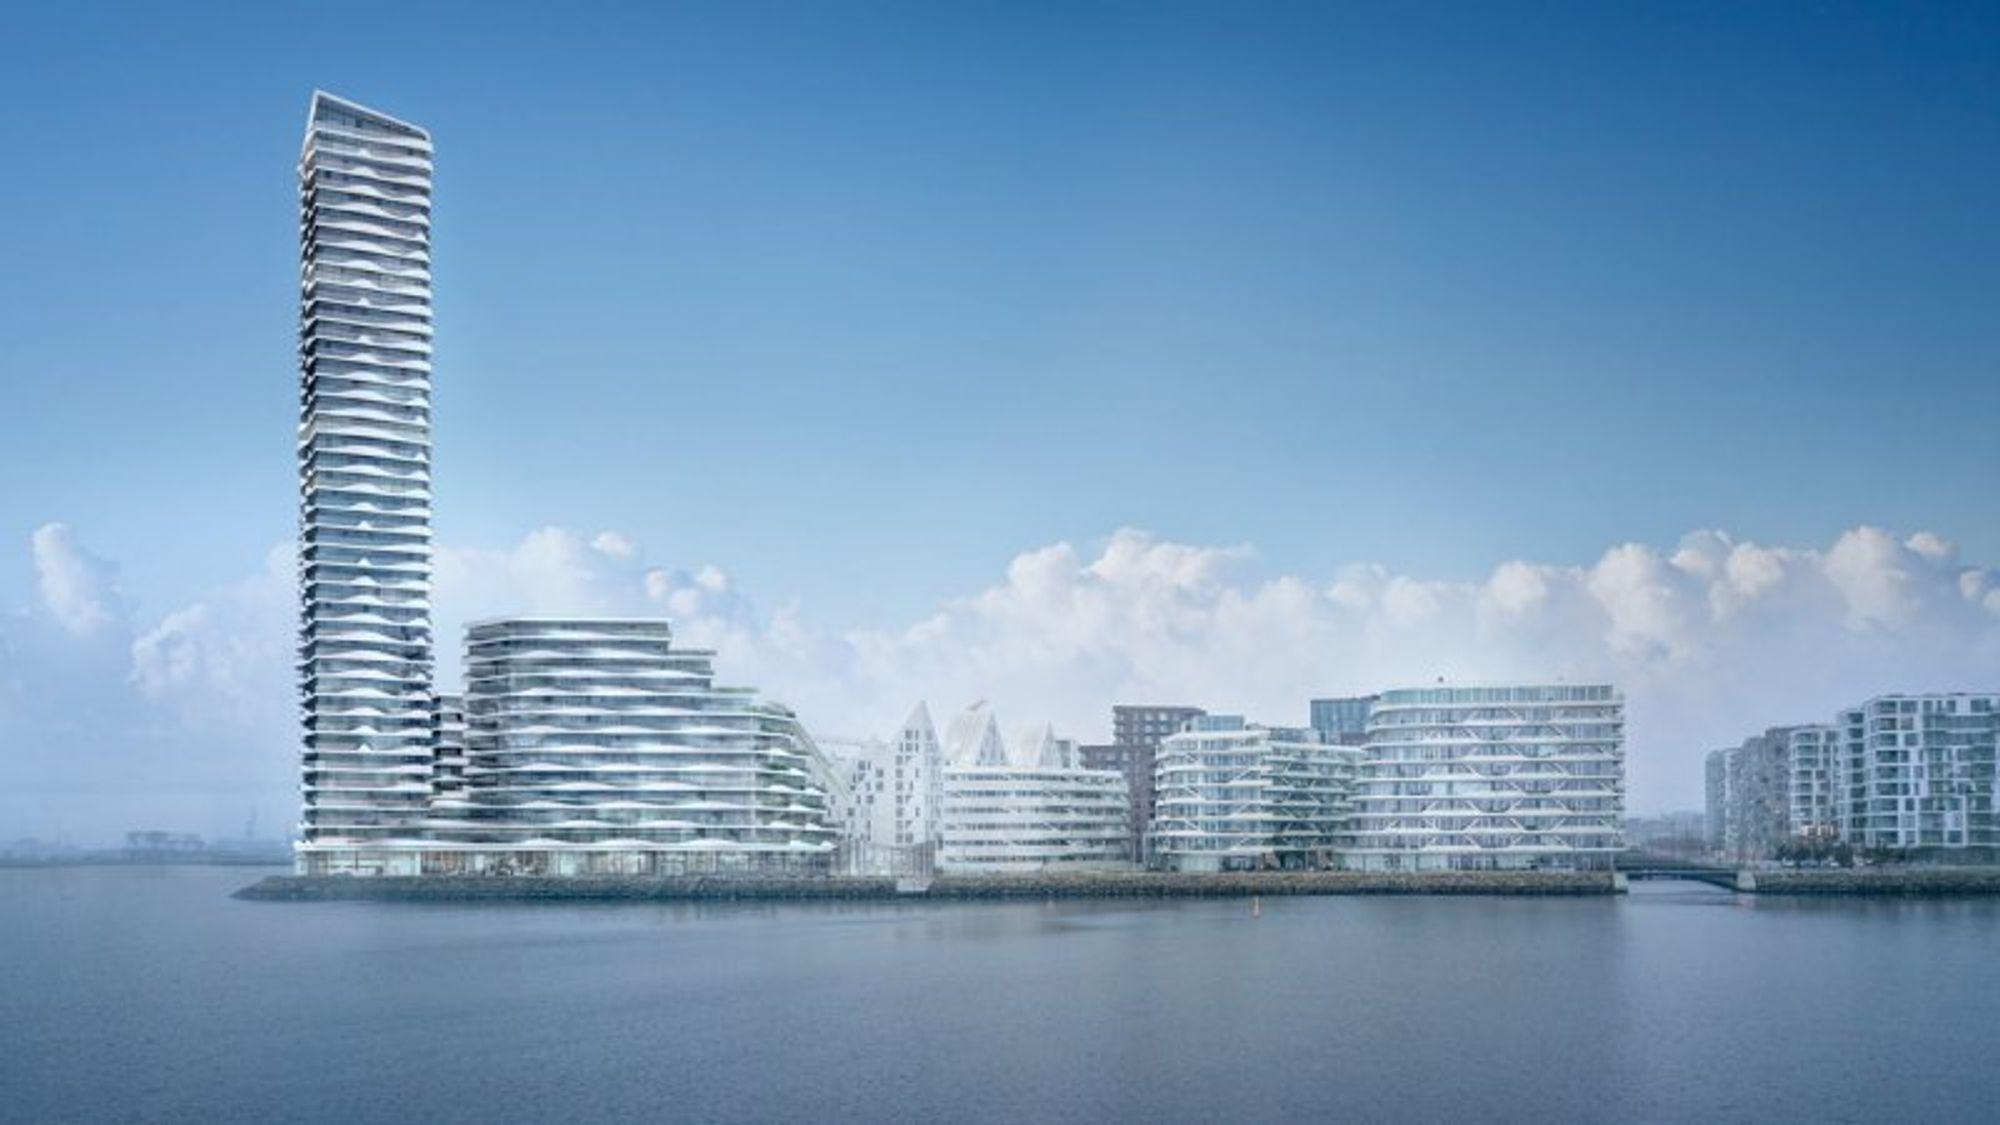 Det nye høyhuset i Aarhus skal etter planen overgå Herlev Hospitals 120 meter, hvis den plastiske leiren i grunnen tillater det.